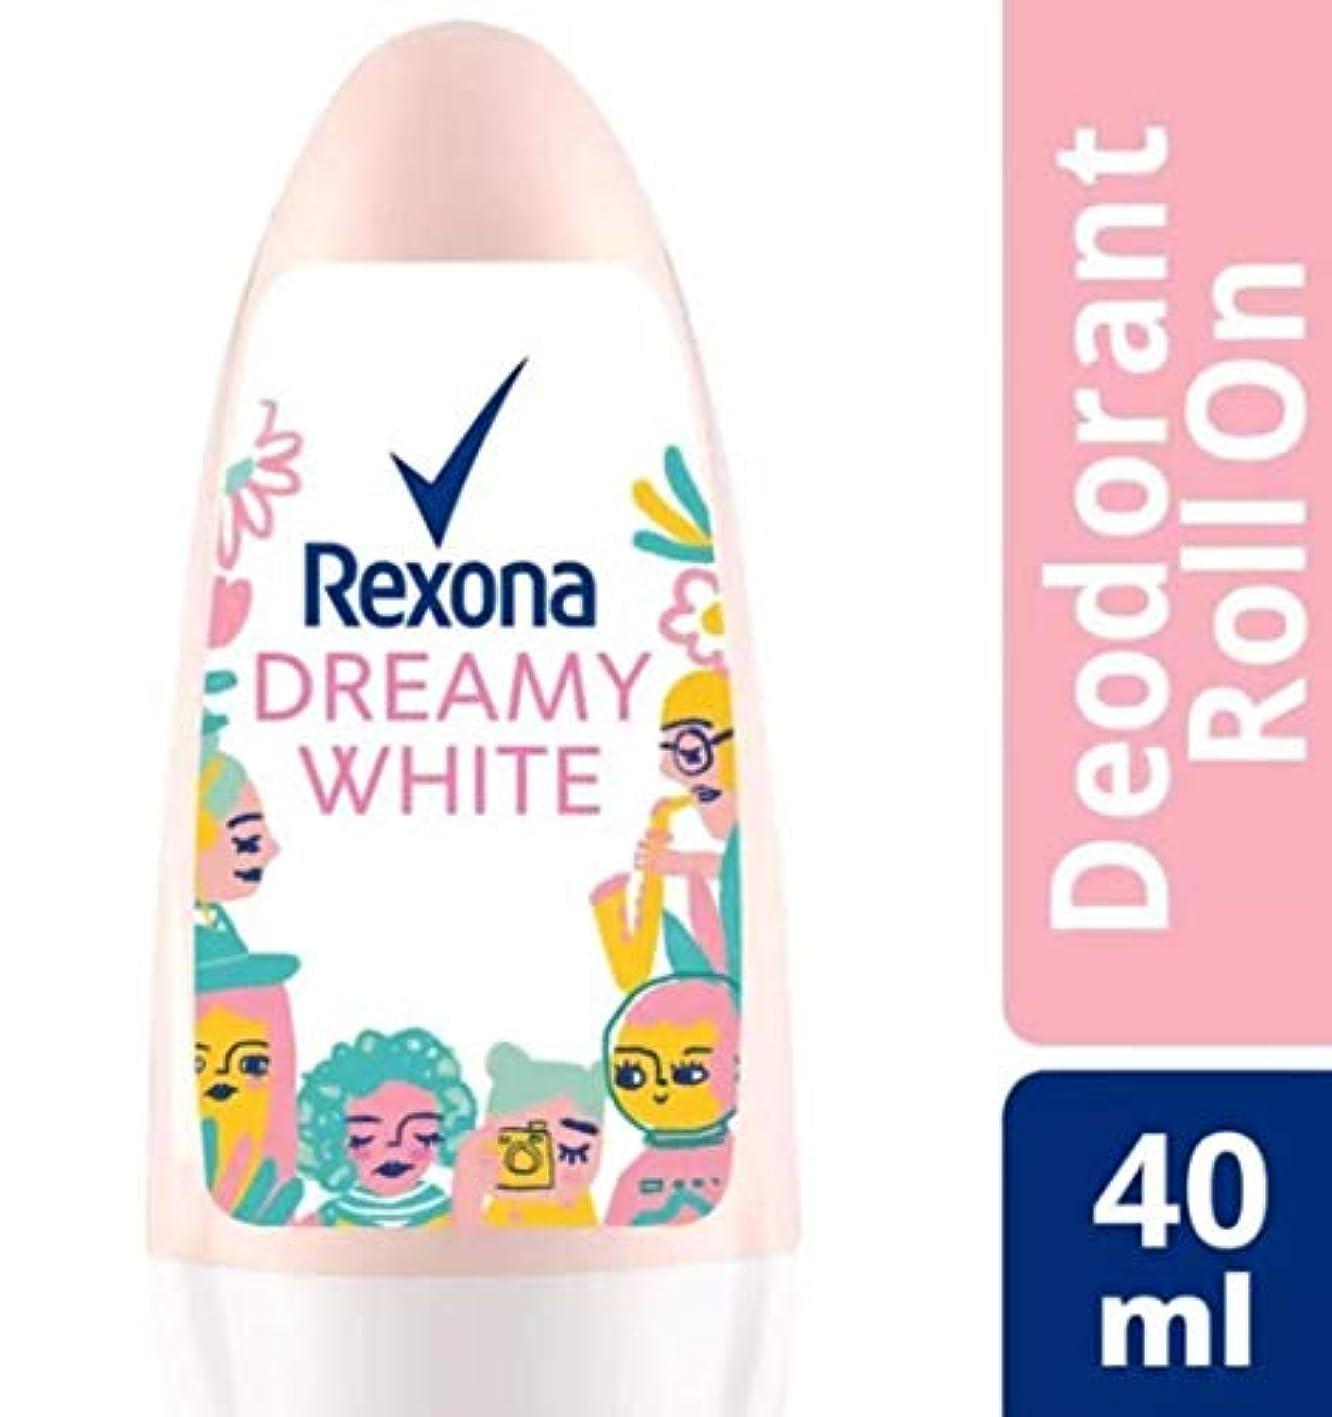 操る認知ルアーRexona レクソナ woman 制汗 デオドラント ロールオン DREAMY WHITE【アルコール 0%】ソフトなユリの香り 40ml [並行輸入品]